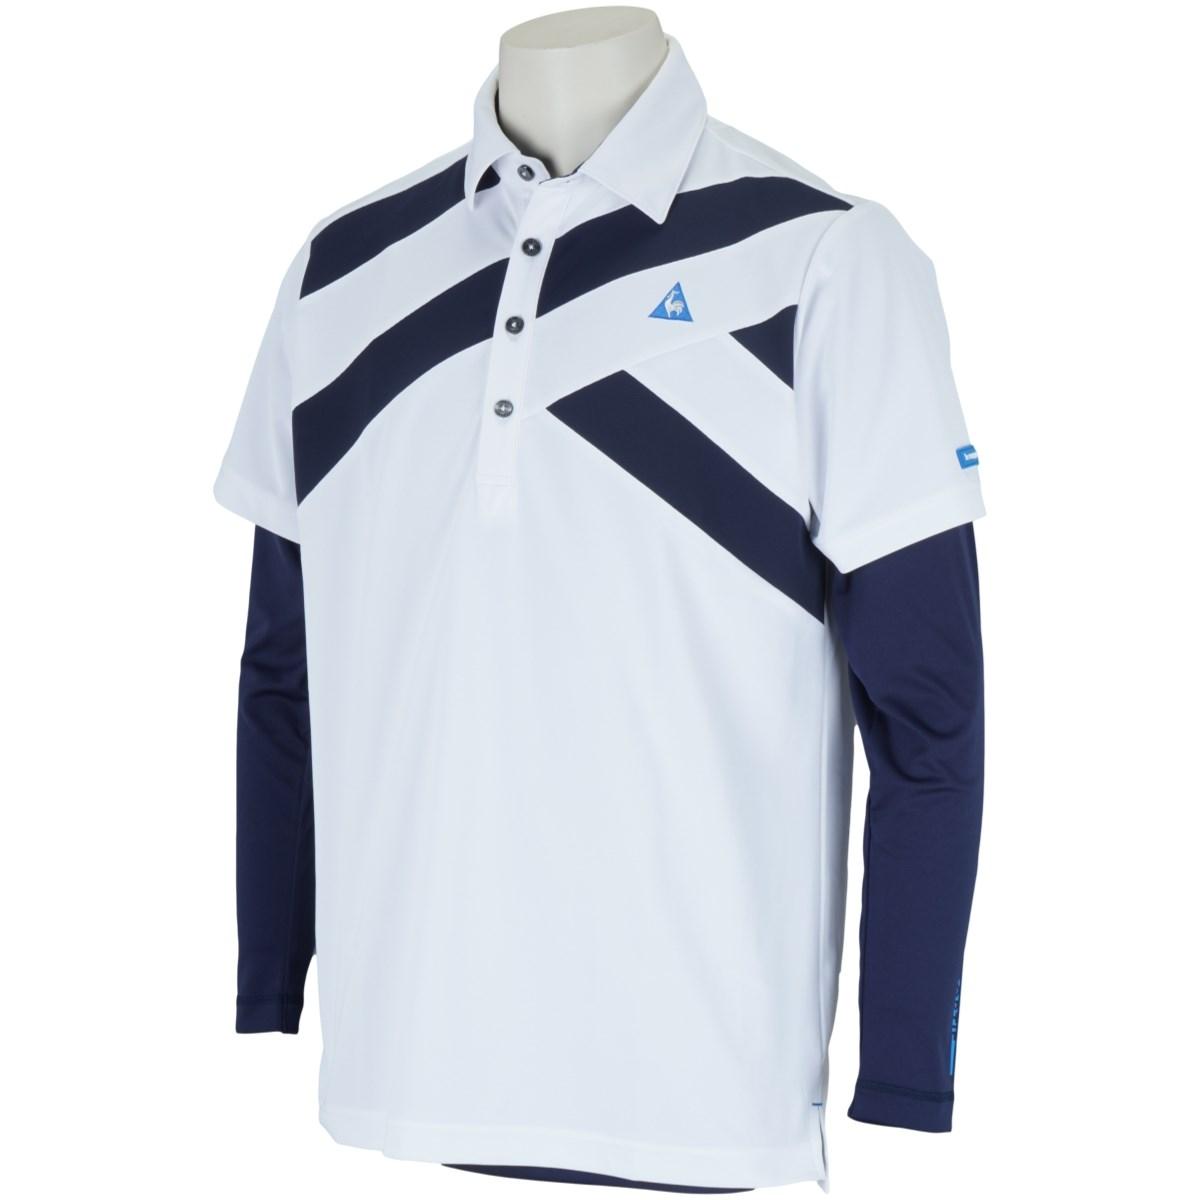 ルコックゴルフ Le coq sportif GOLF 長袖アンダーシャツ付き ストレッチ半袖ポロシャツ M ホワイト 00